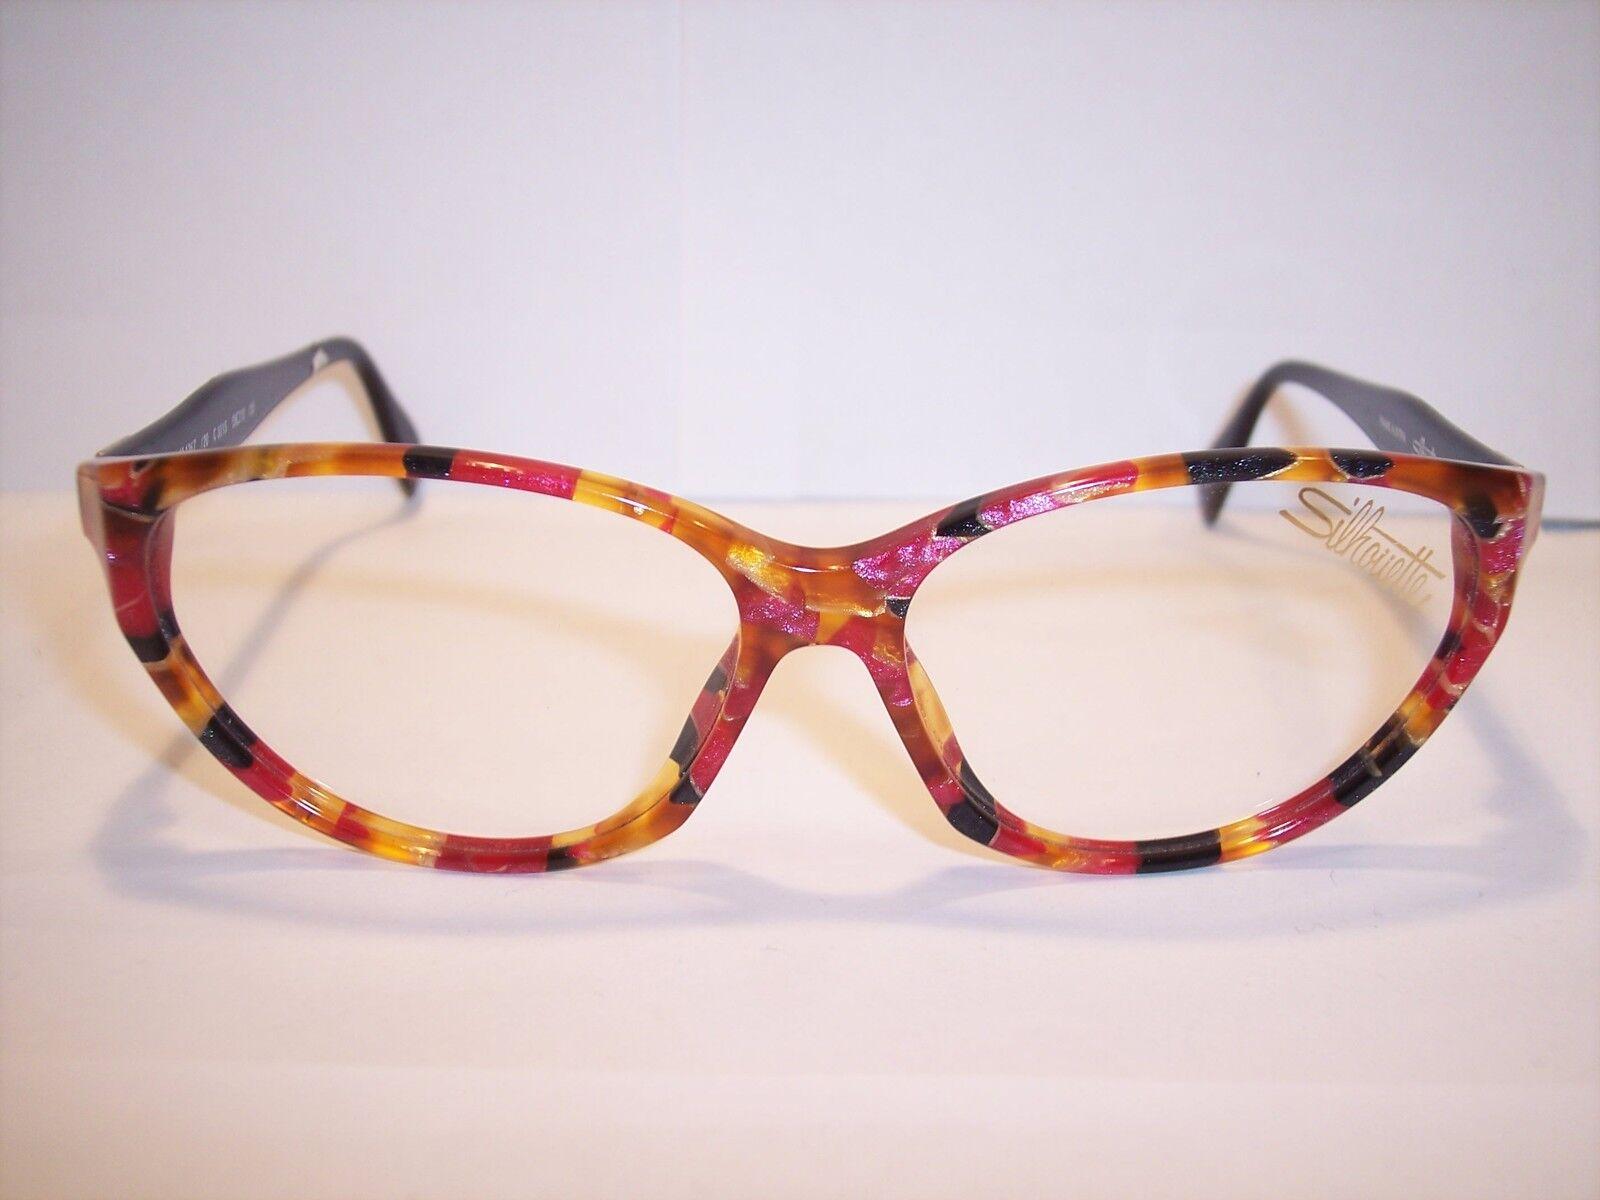 Damenbrille Eyeglasses by SILHOUETTE Austria 100% Original-Vintage 90er | Moderate Moderate Moderate Kosten  | Schön In Der Farbe  | Umweltfreundlich  3cf4db